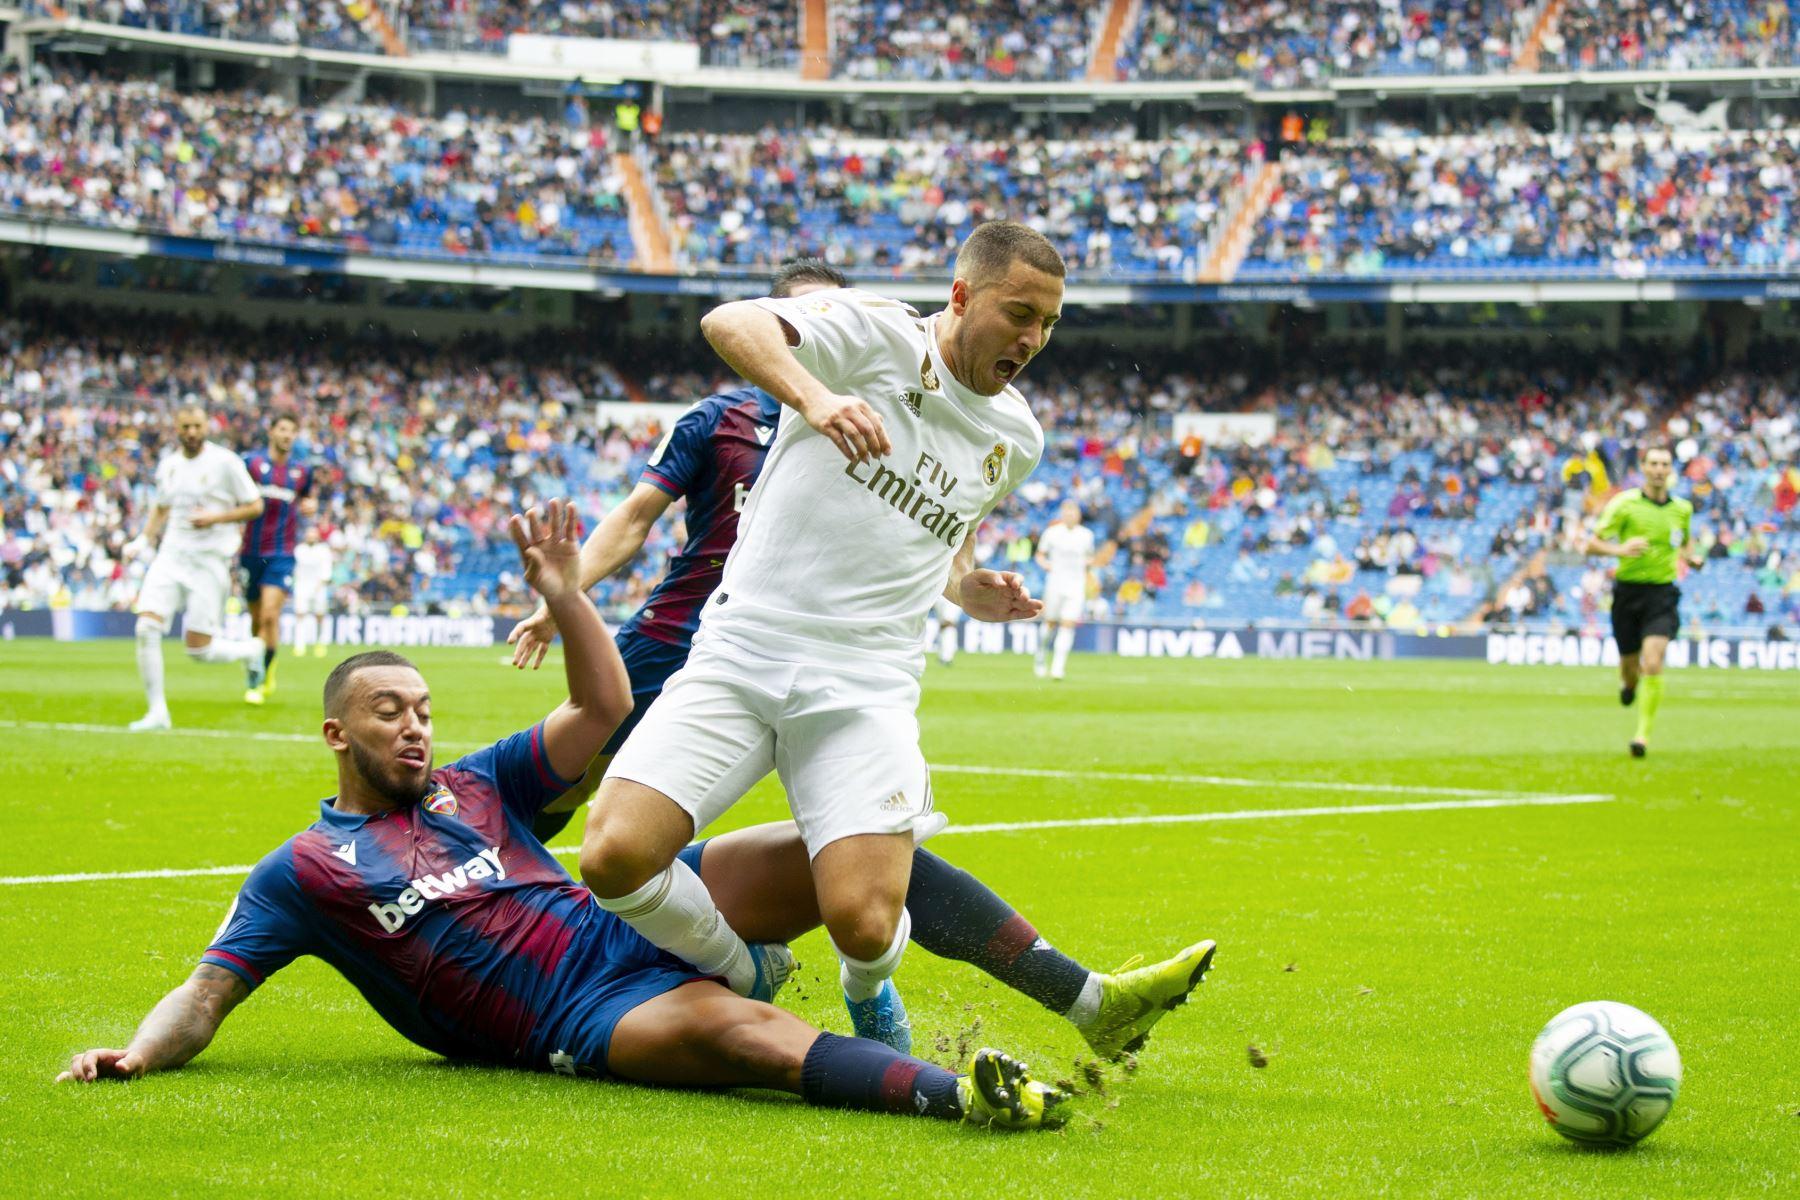 Real Madrid vence 3-2 al Levante. Eden Hazard y el portugués Rubén Vezo disputan el balón. Foto: AFP